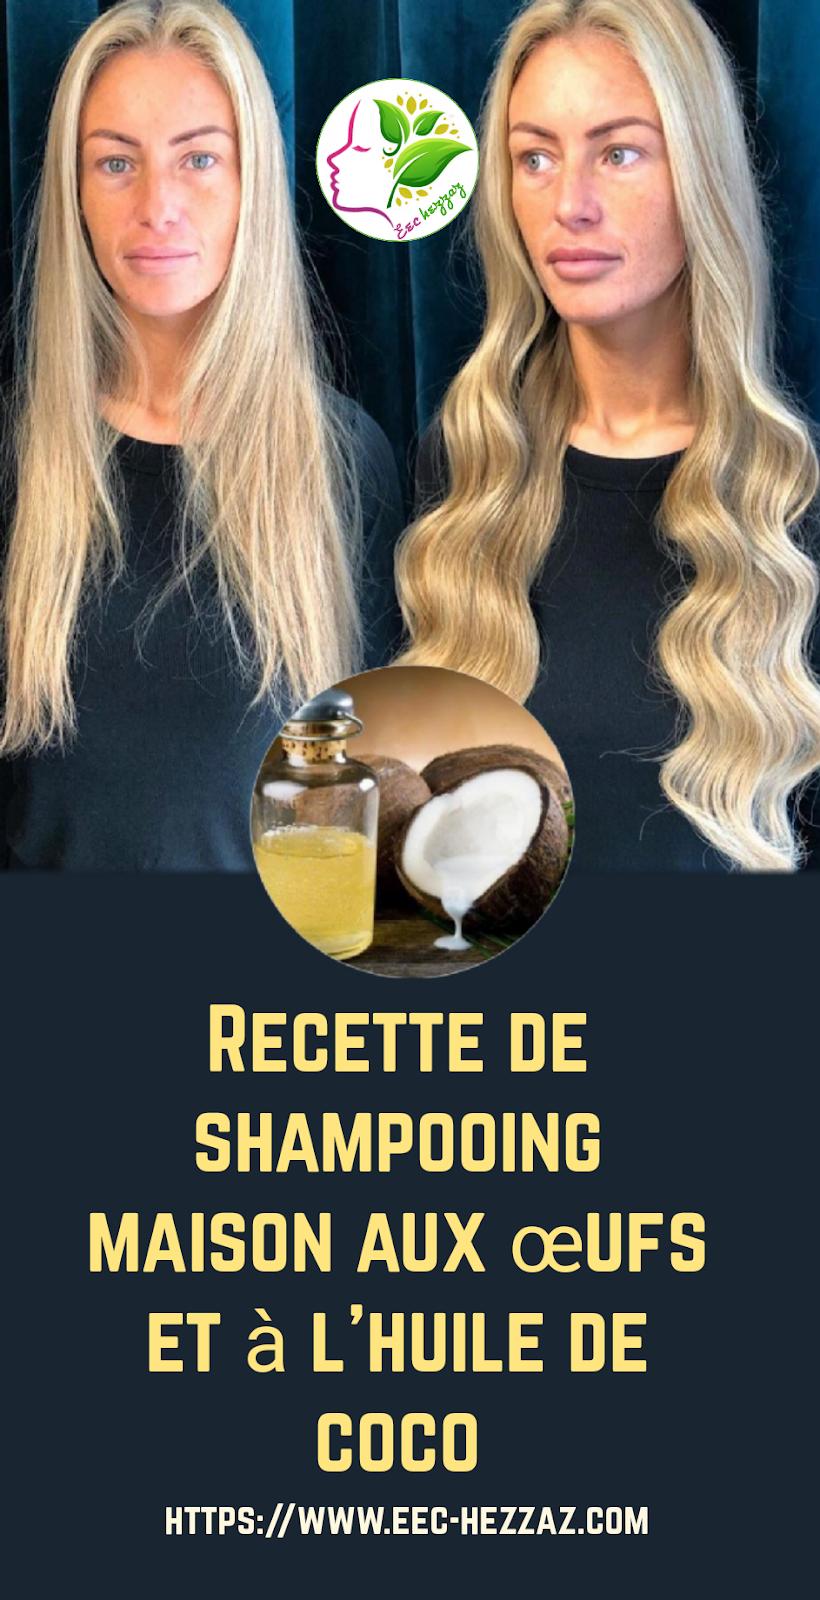 Recette de shampooing maison aux œufs et à l'huile de coco